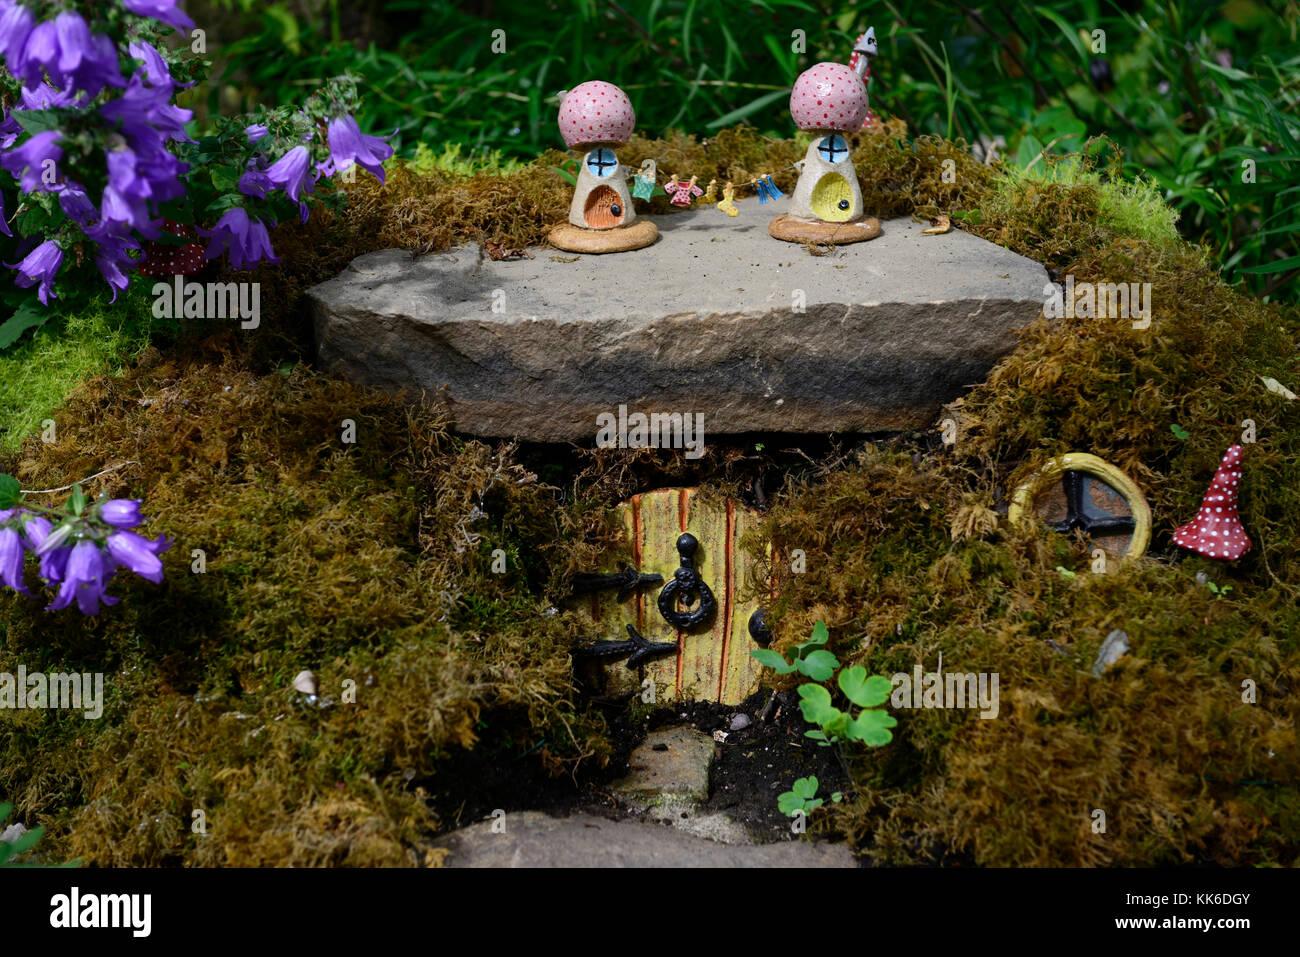 Fee, Feen, Haus, Häuser, Haus, Wohnungen, Haus, Garten, Dekoration,  Dekorieren, Miniatur, Zwerg, Zwerge, Elben, Elfen, Fantasy, Glauben Machen,  Garten, ...